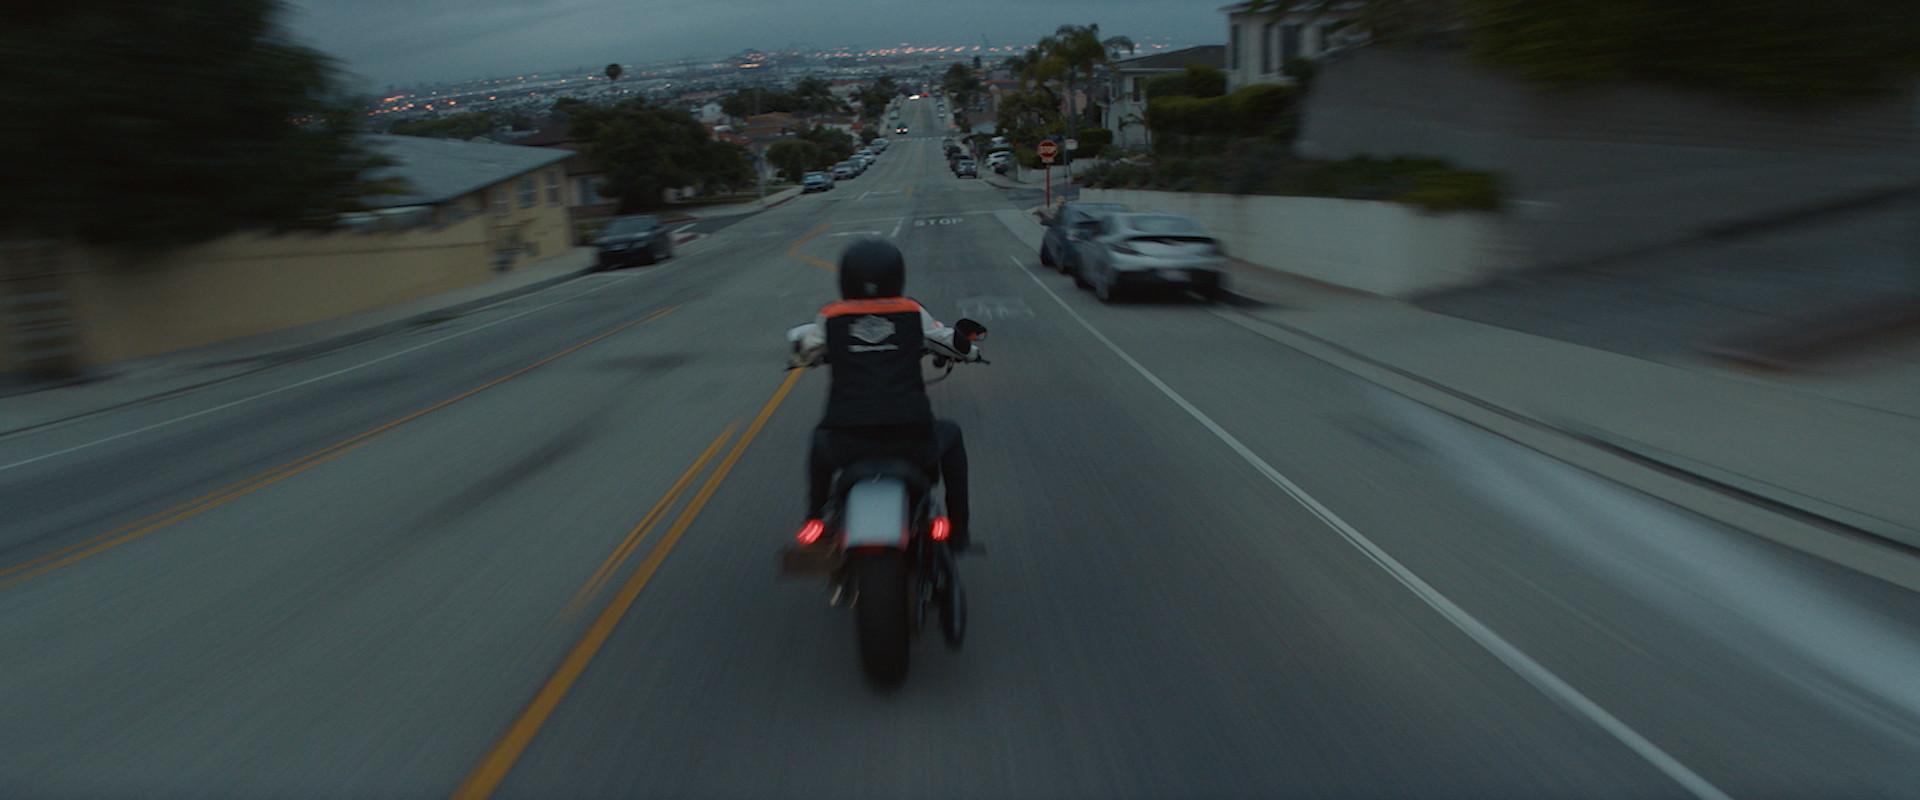 Harley Davidson - Manifesto 90s-0227